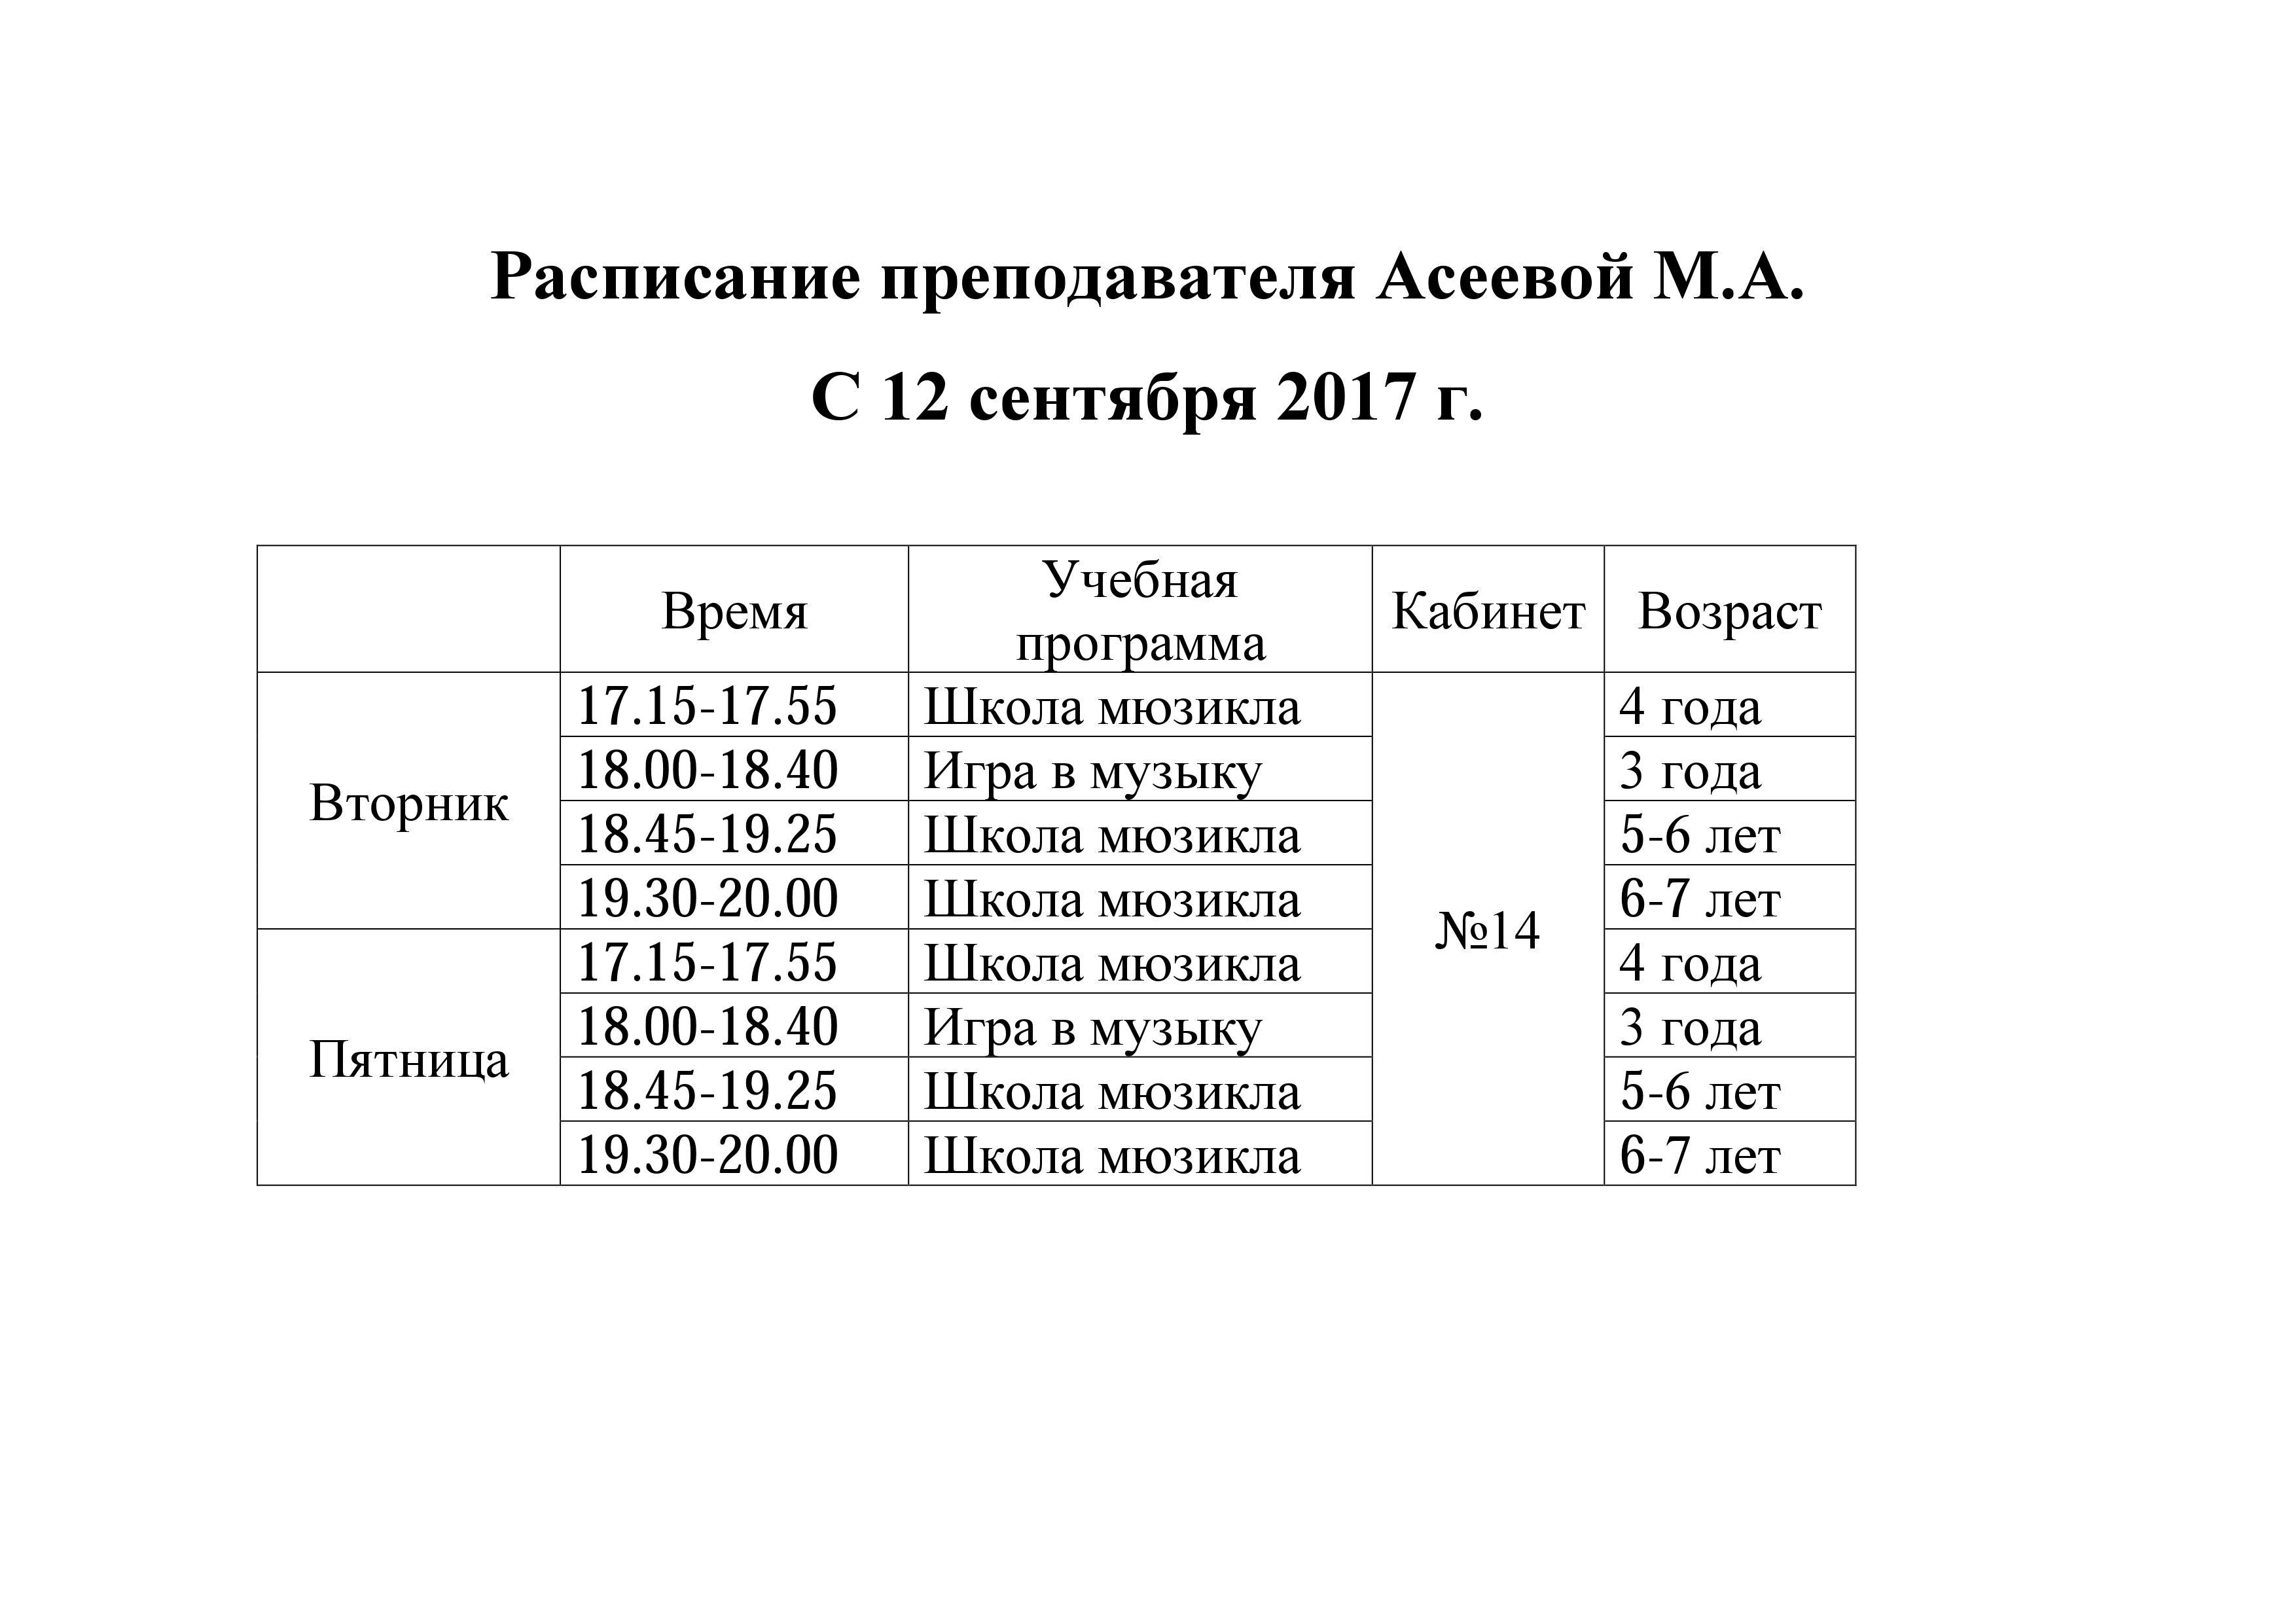 Расписание Асеевой М.А.